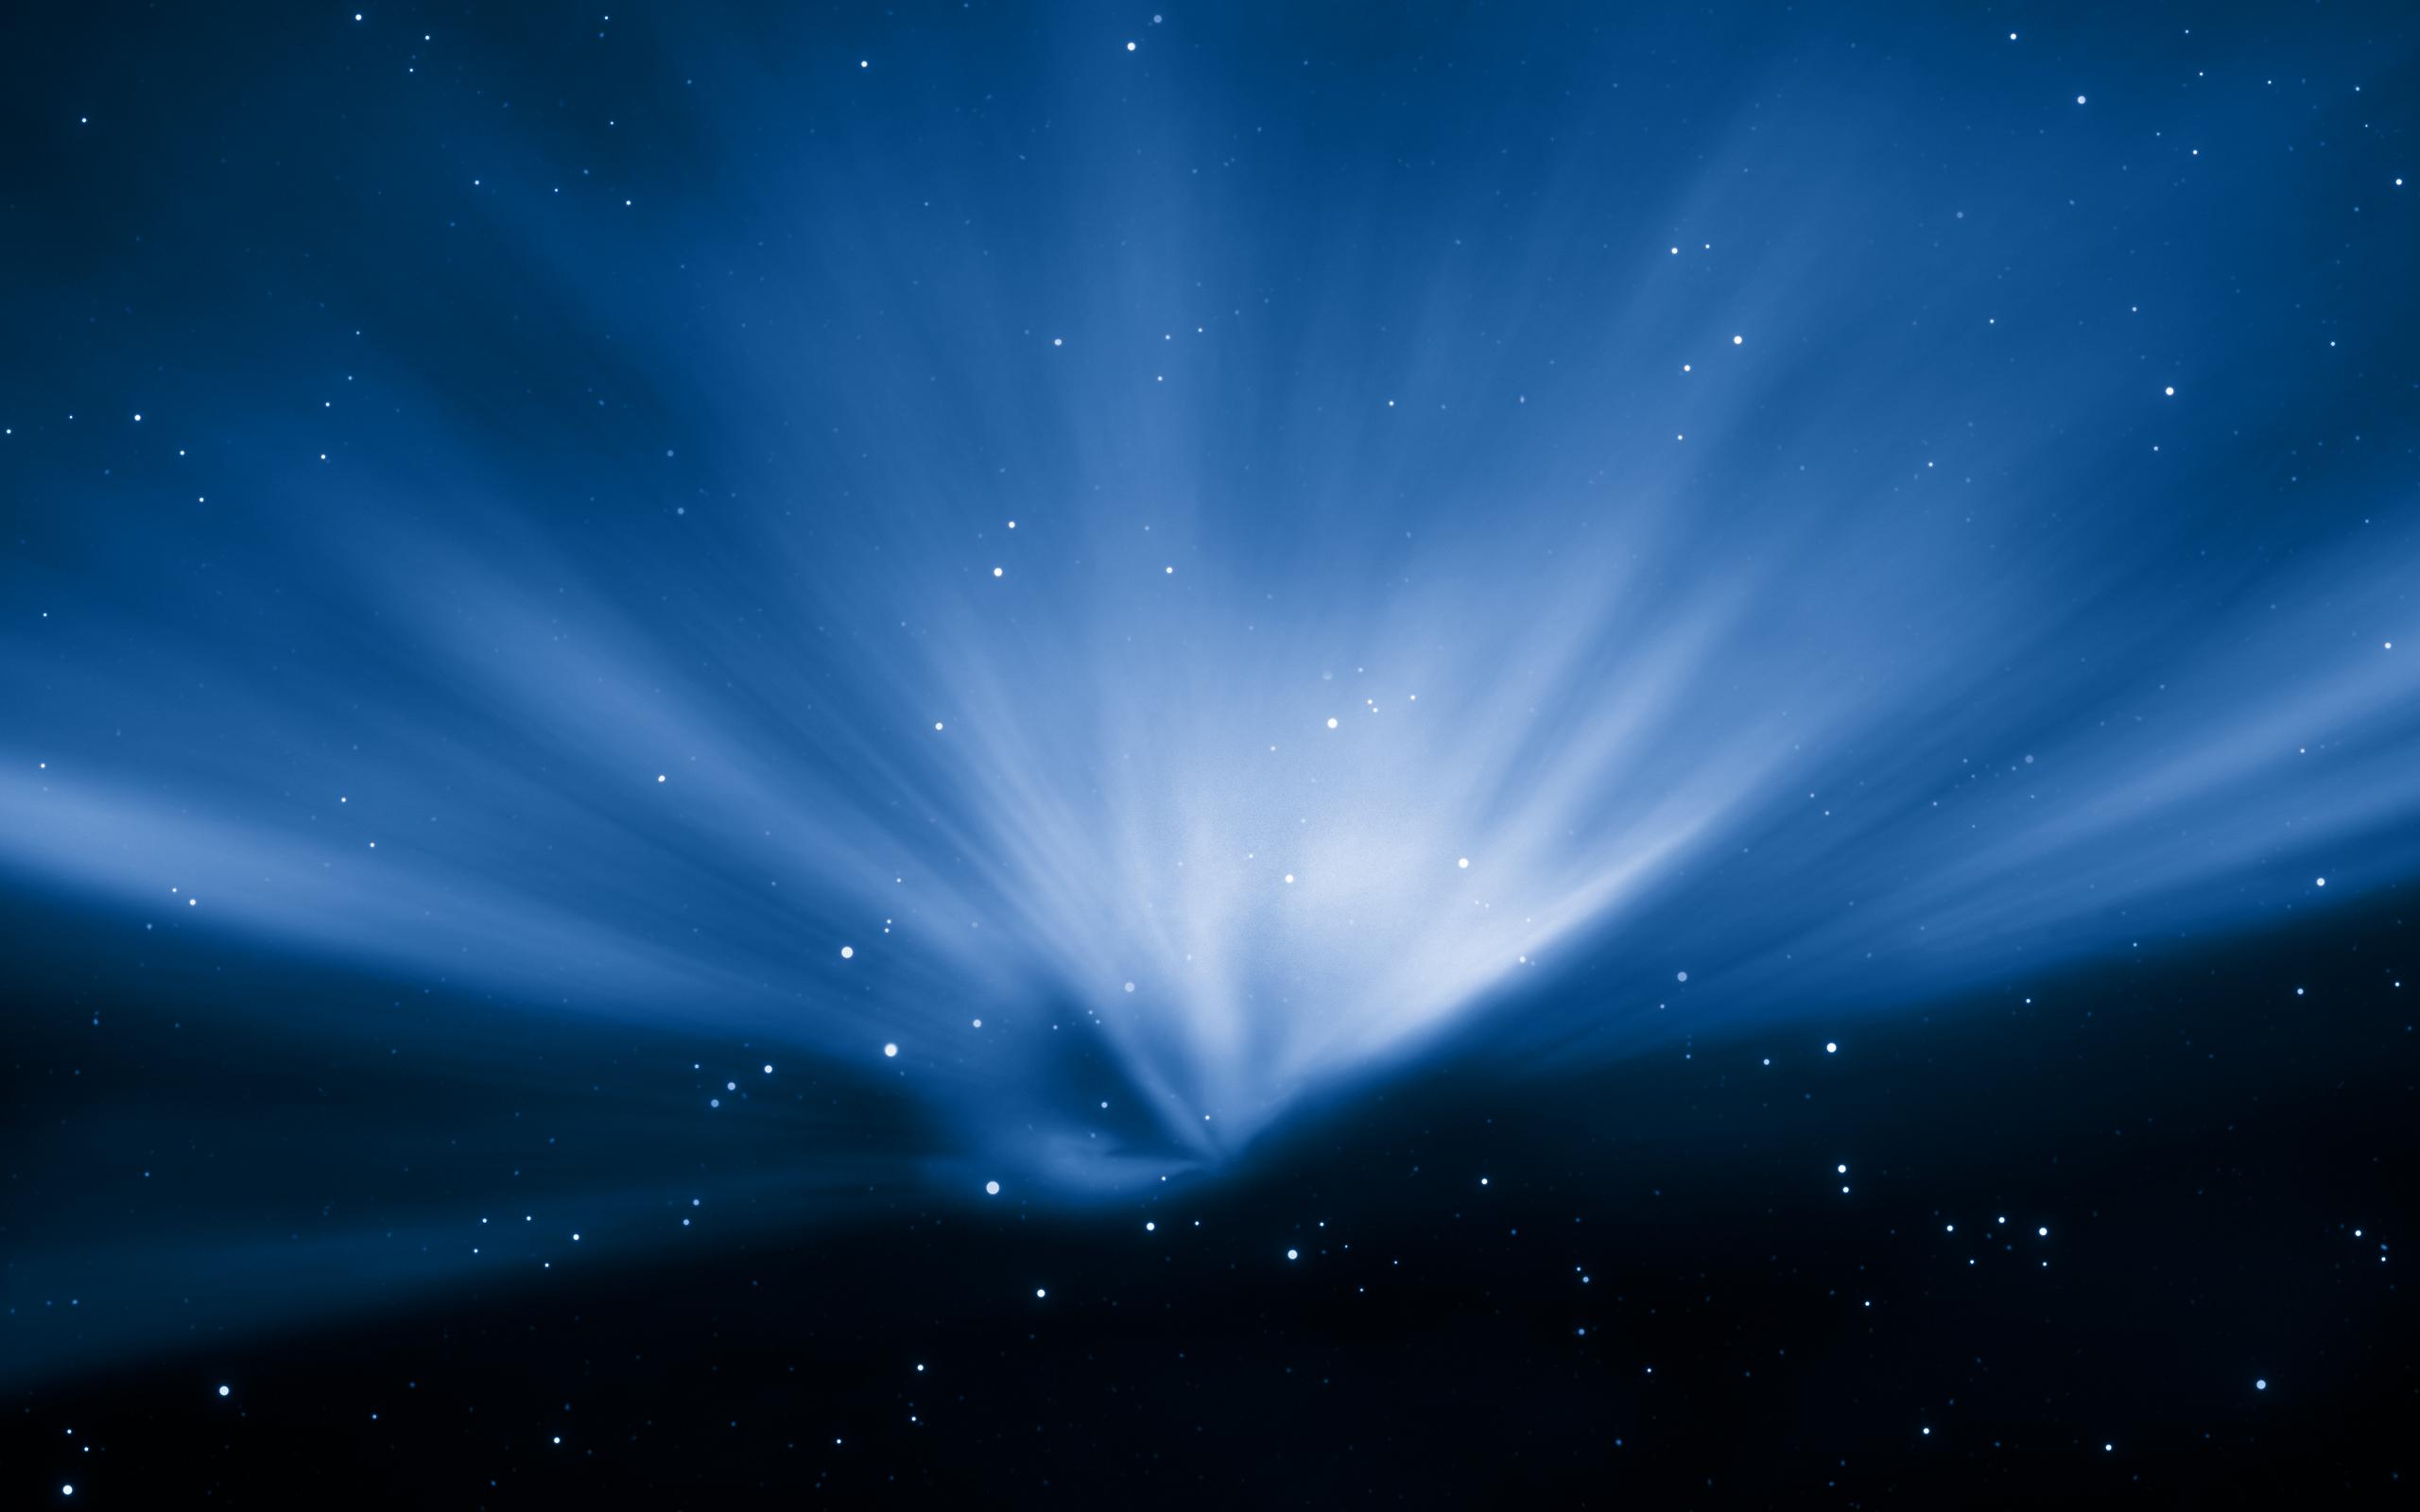 Sfondi gratis spettacolari foto dello spazio dei pianeti for Sfondi spettacolari hd